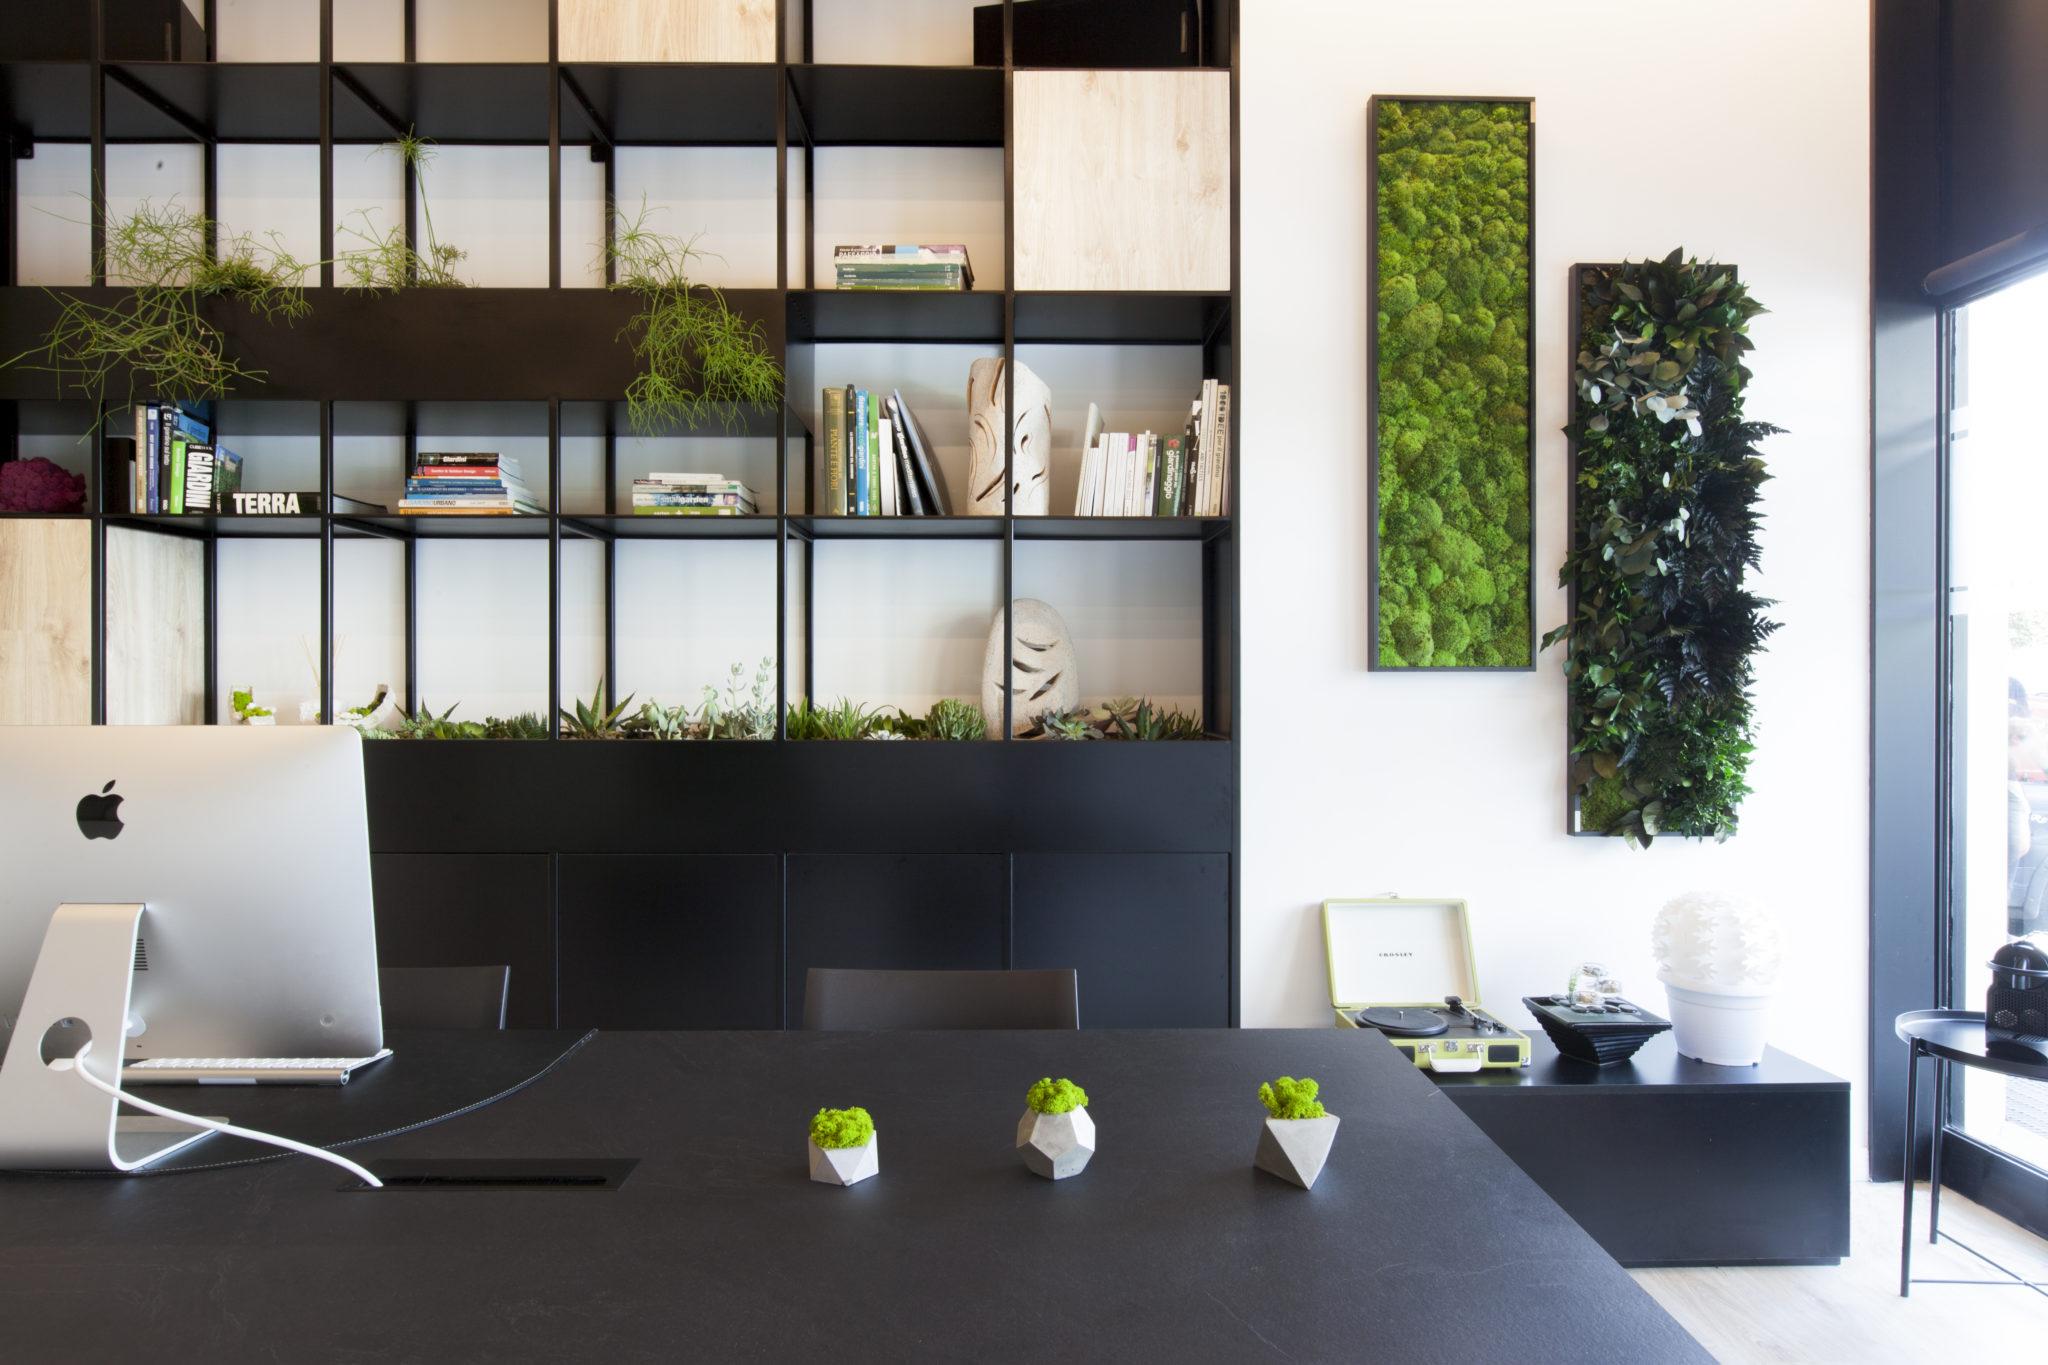 DFG-Architetti-Abito-Verde-6-e1531475755341